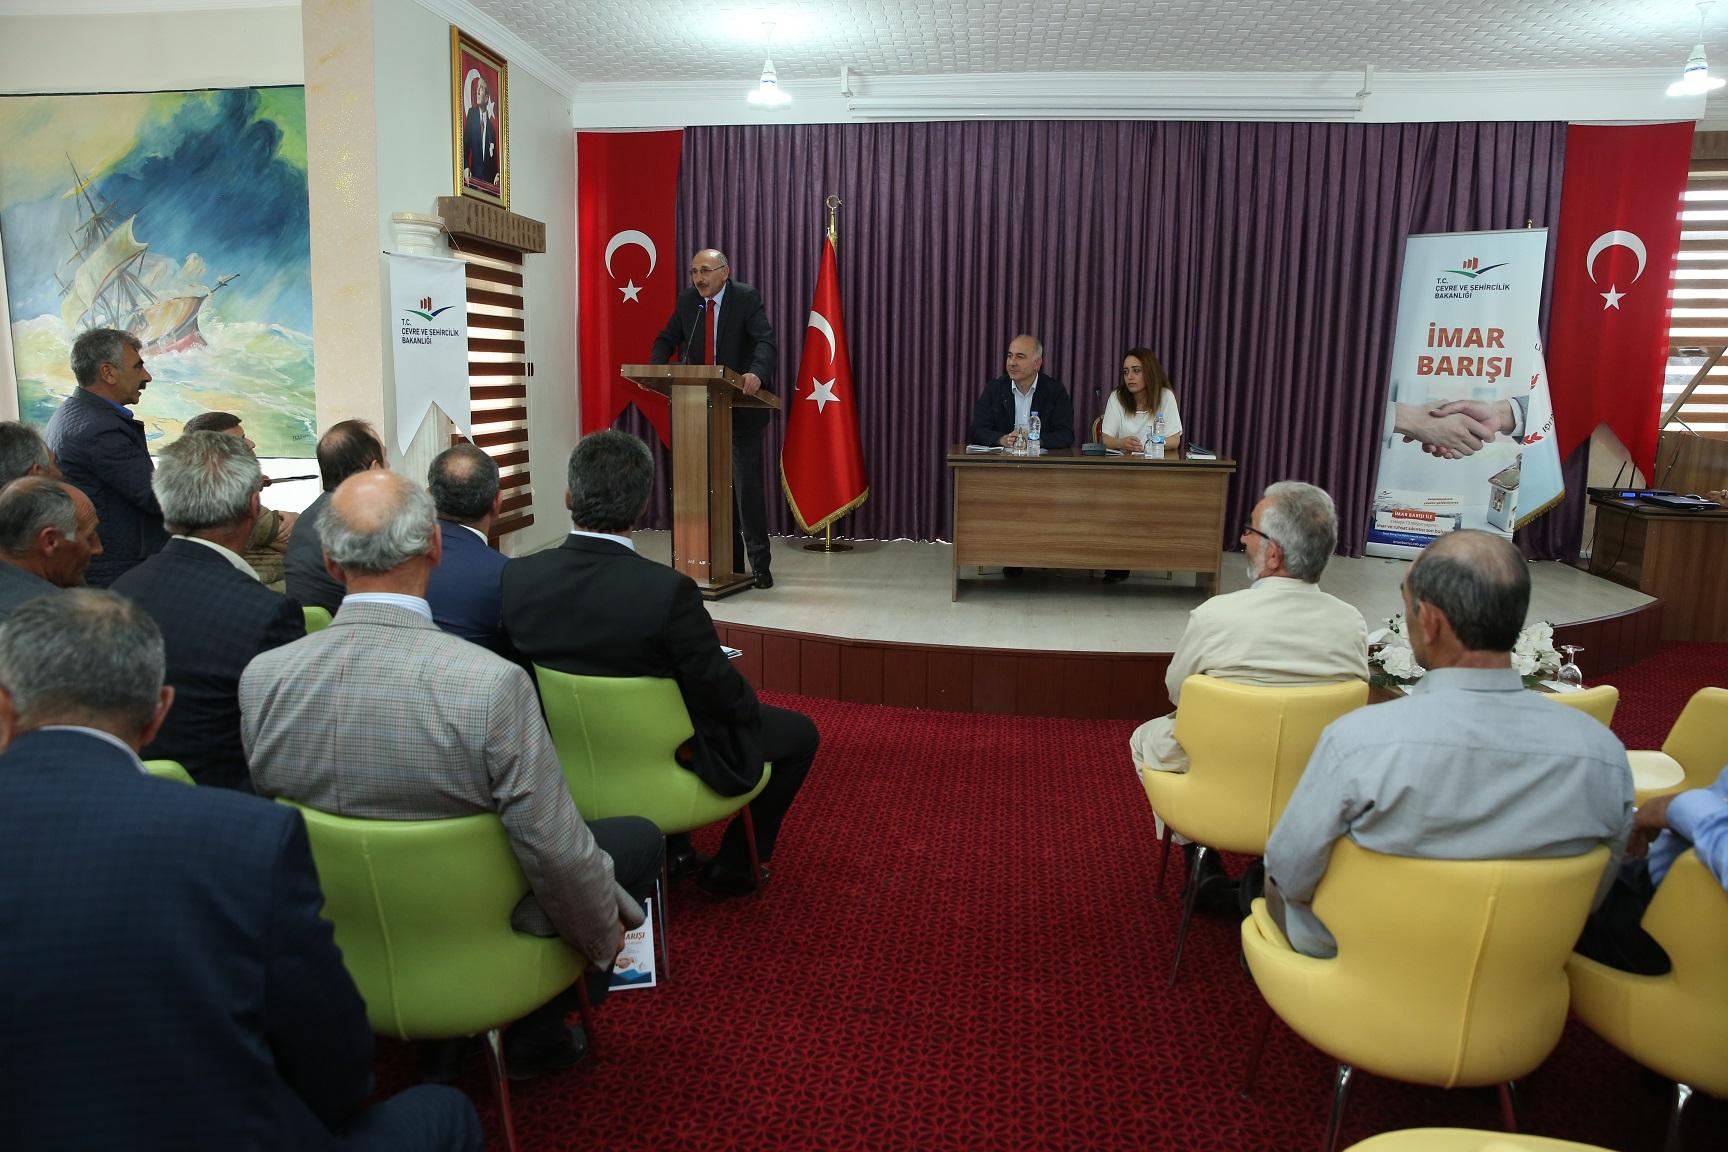 İmar Barışı kapsamında köy ve mahalle muhtarlarına yönelik bilgilendirme toplantısı yapıldı.